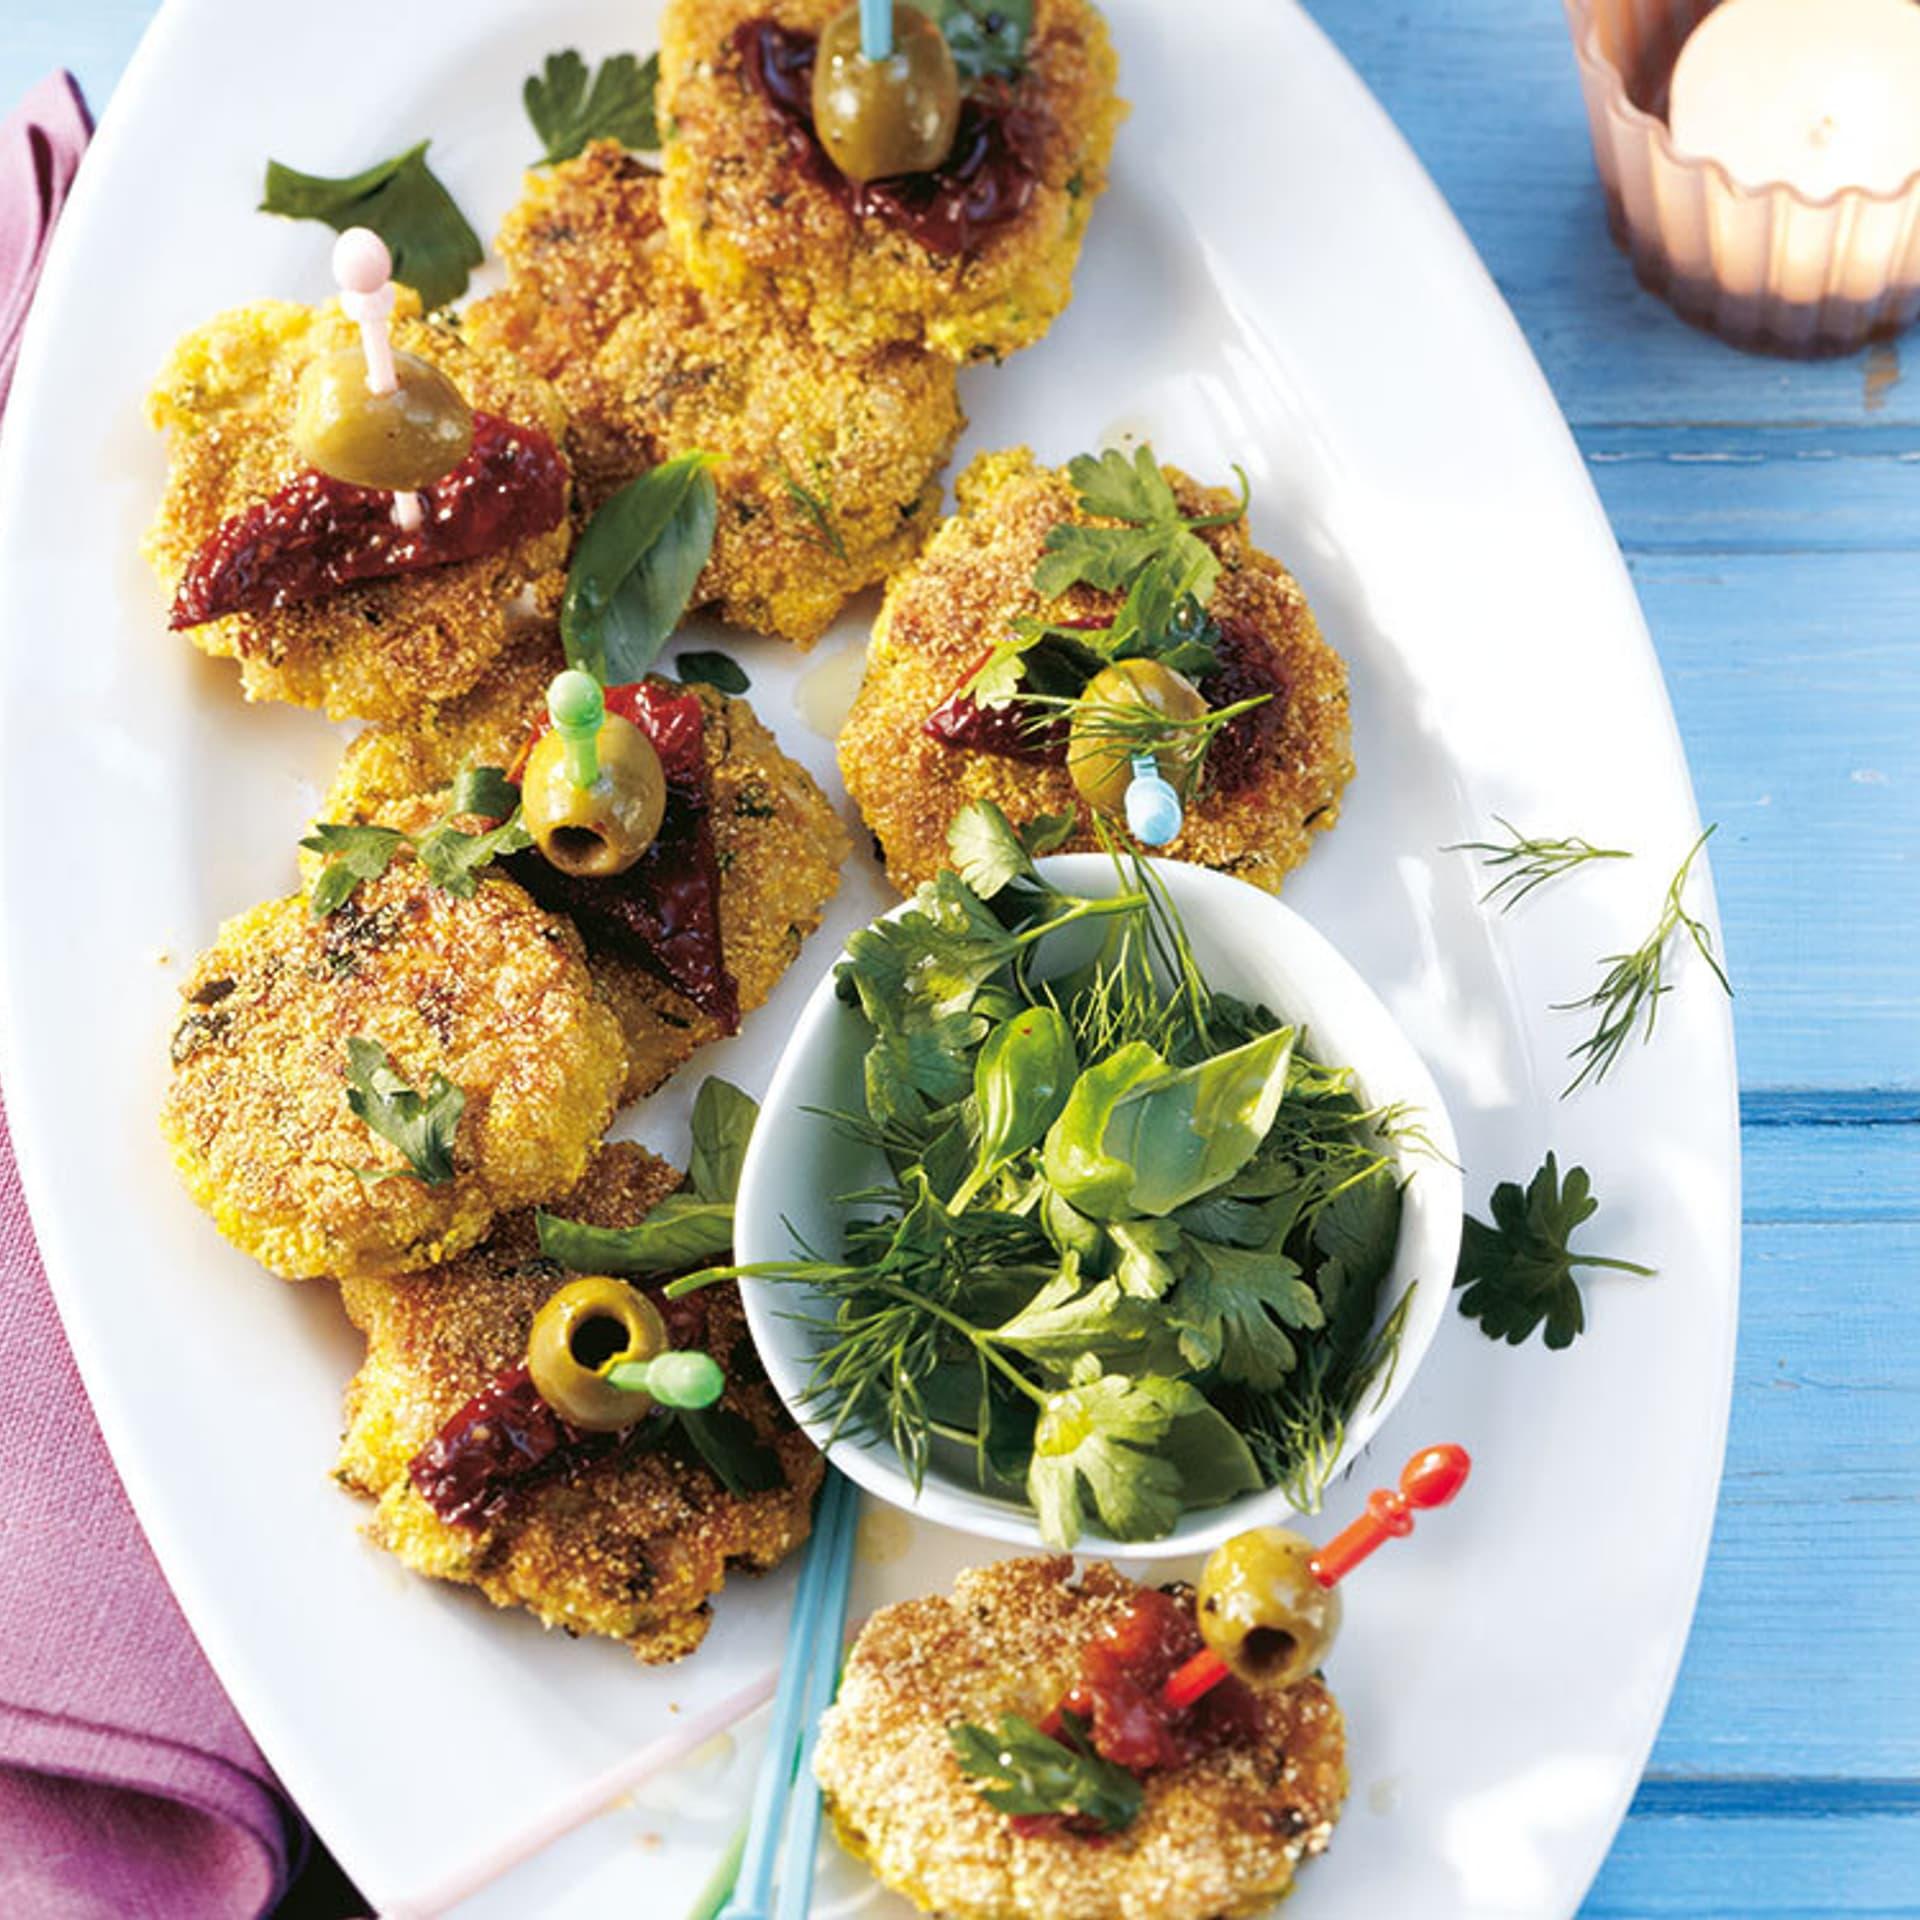 EIn Teller mit gebraten Reisküchlein und Kräutern